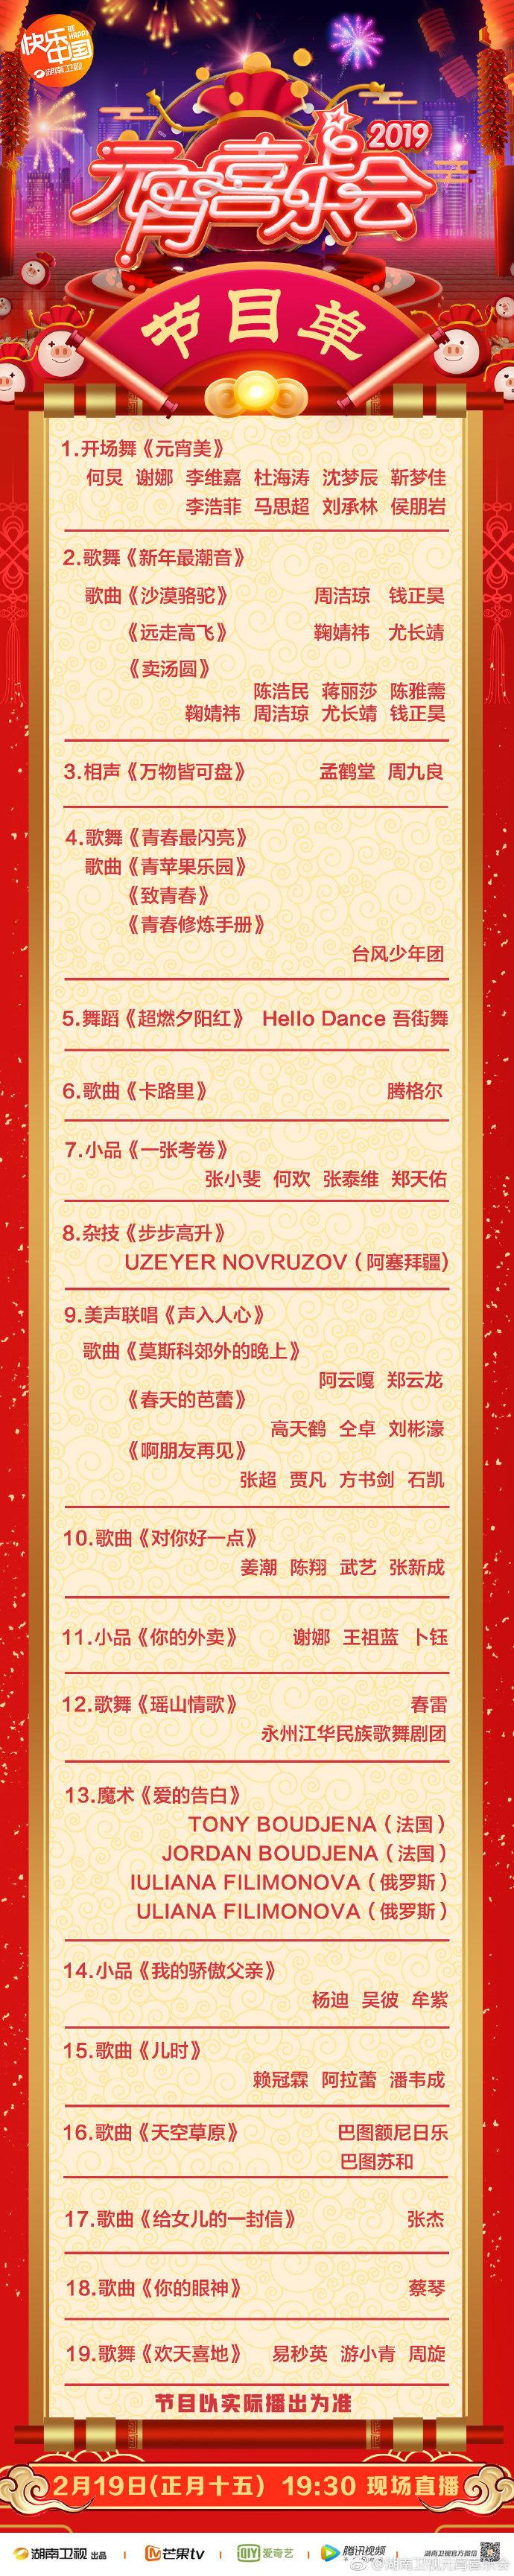 官宣 | 2019湖南卫视元宵喜乐会节目单新鲜出炉